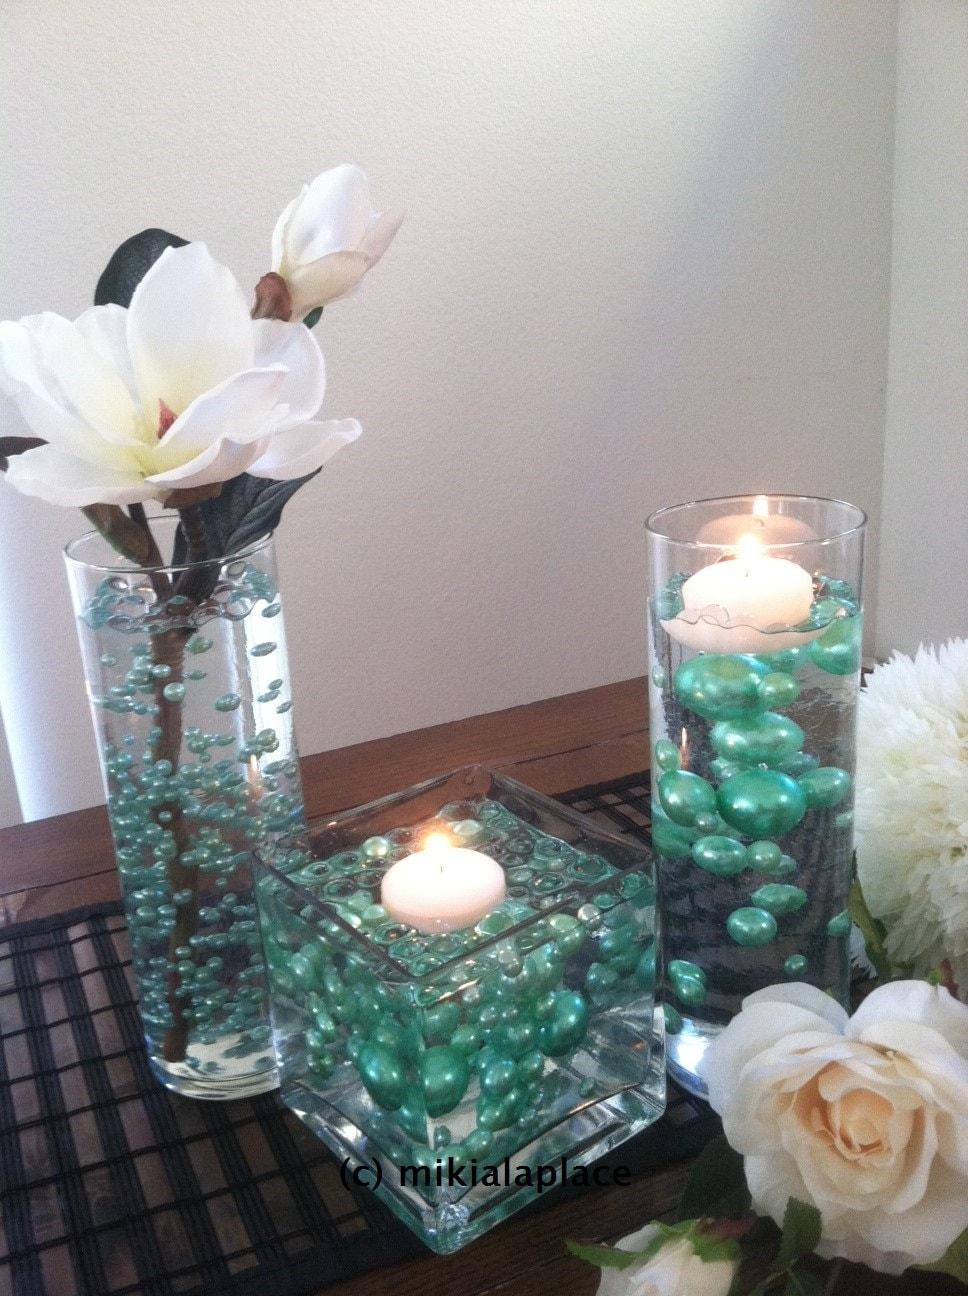 Transparent water gel beads water absorbing gel beads used to zoom reviewsmspy